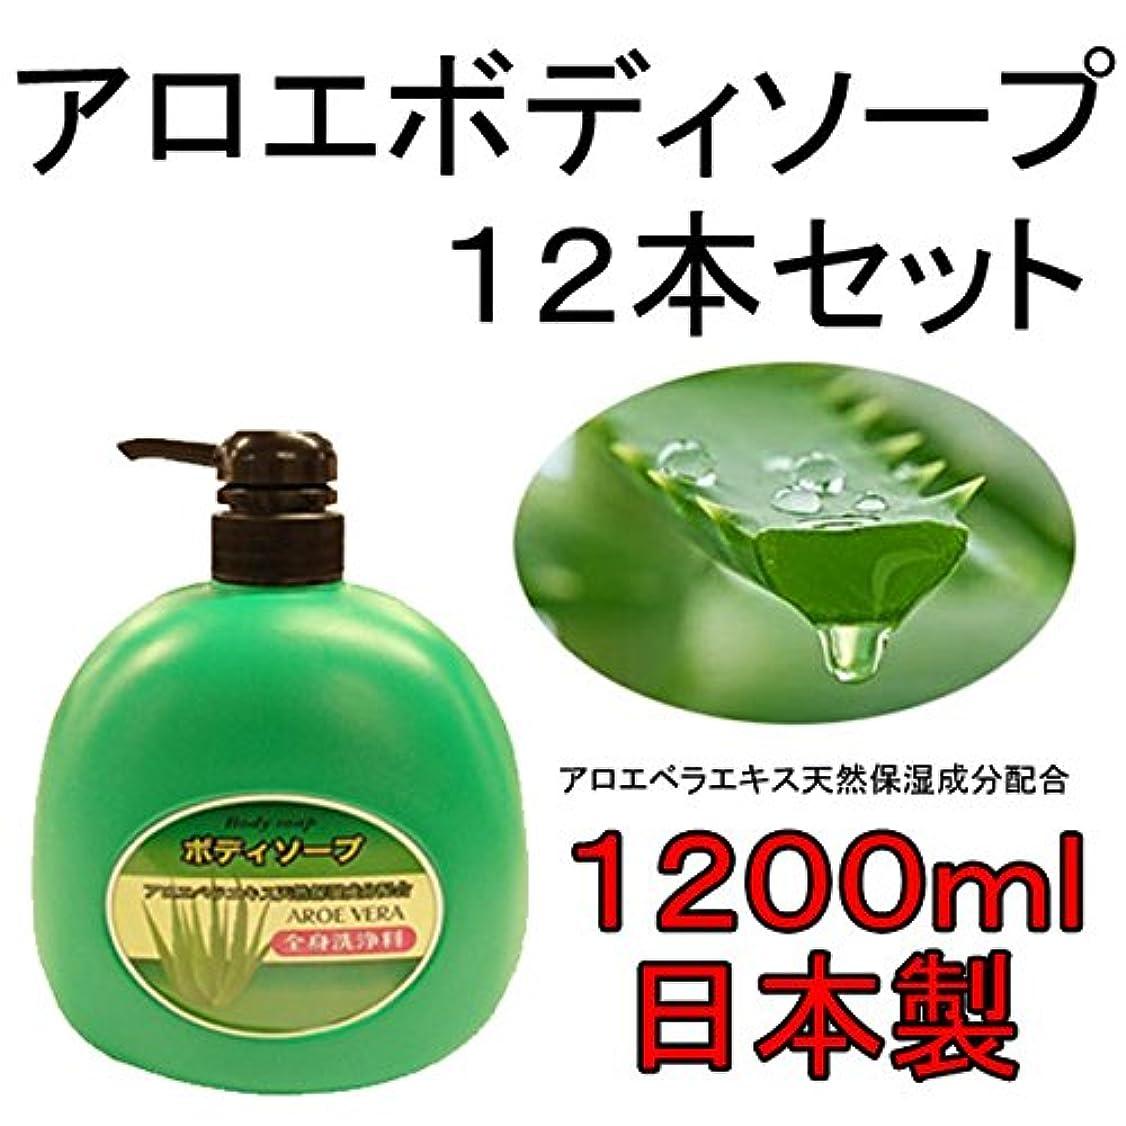 入射ニュージーランド輸送高級アロエボディソープ12本セット アロエエキスたっぷりでお肌つるつる 国産?日本製で安心/約1年分1本1200mlの大容量でお得 液体ソープ ボディソープ ボディシャンプー 風呂用 石鹸 せっけん 全身用ソープ body soap aroe あろえ